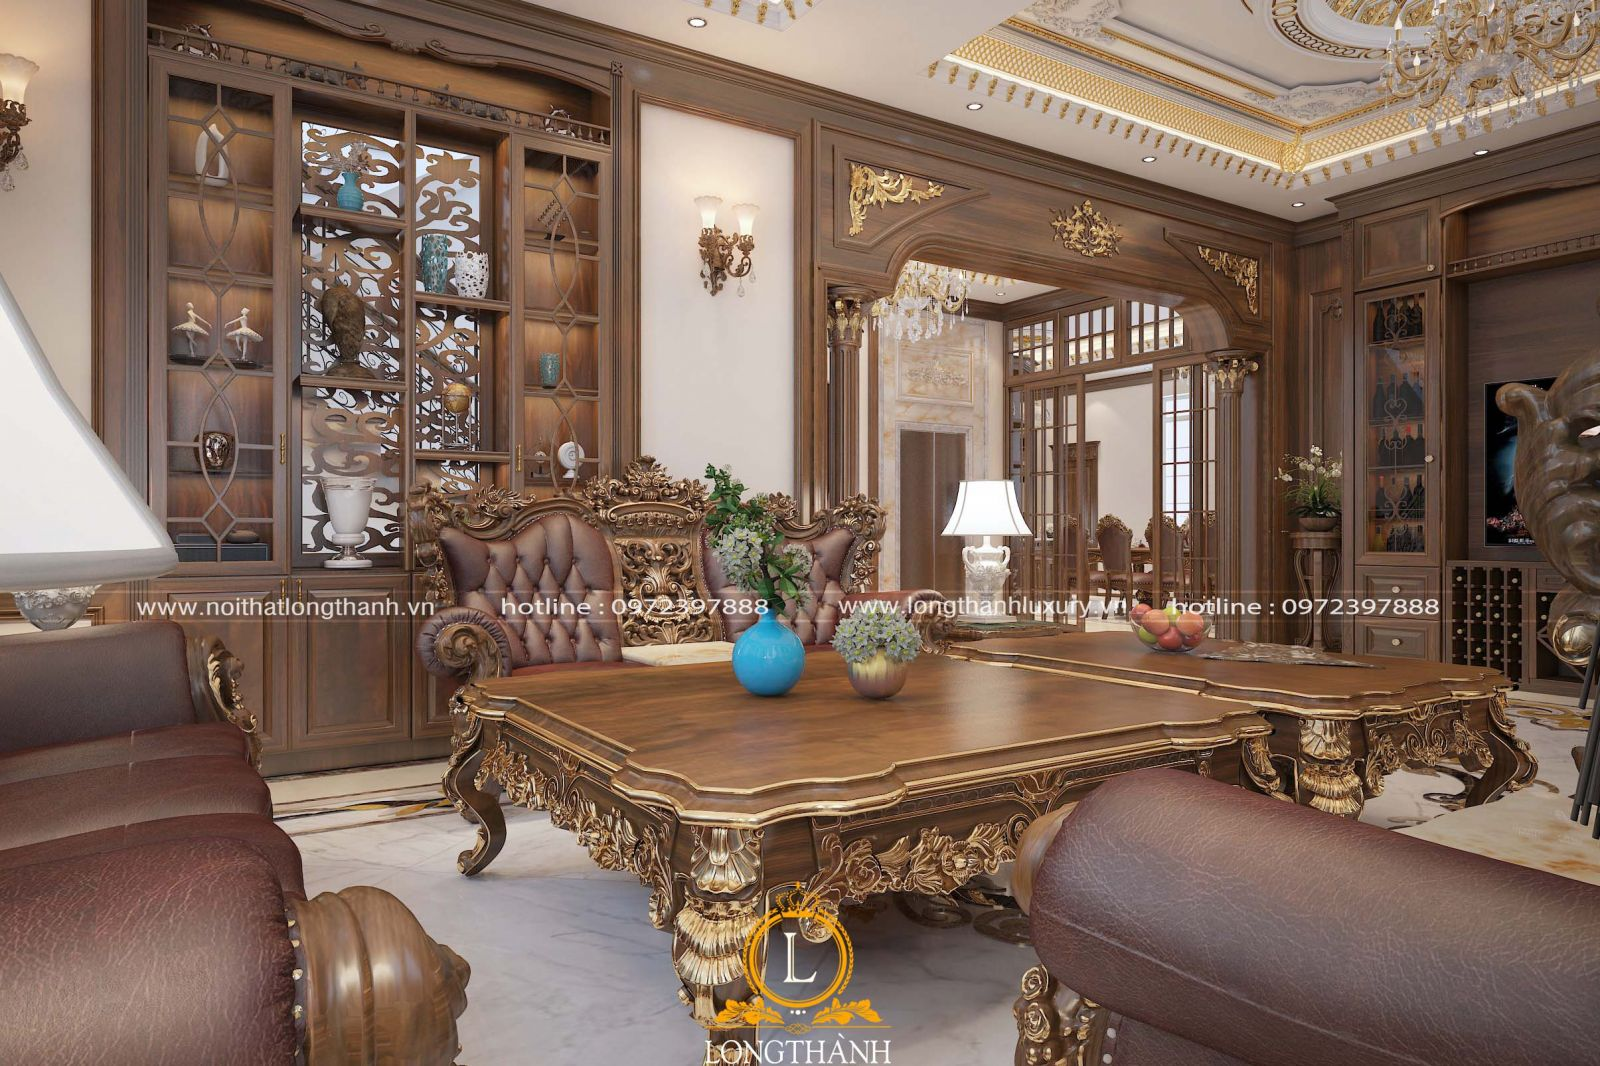 Thiết kế nội thất tân cổ điển đẹp và đẳng cấp